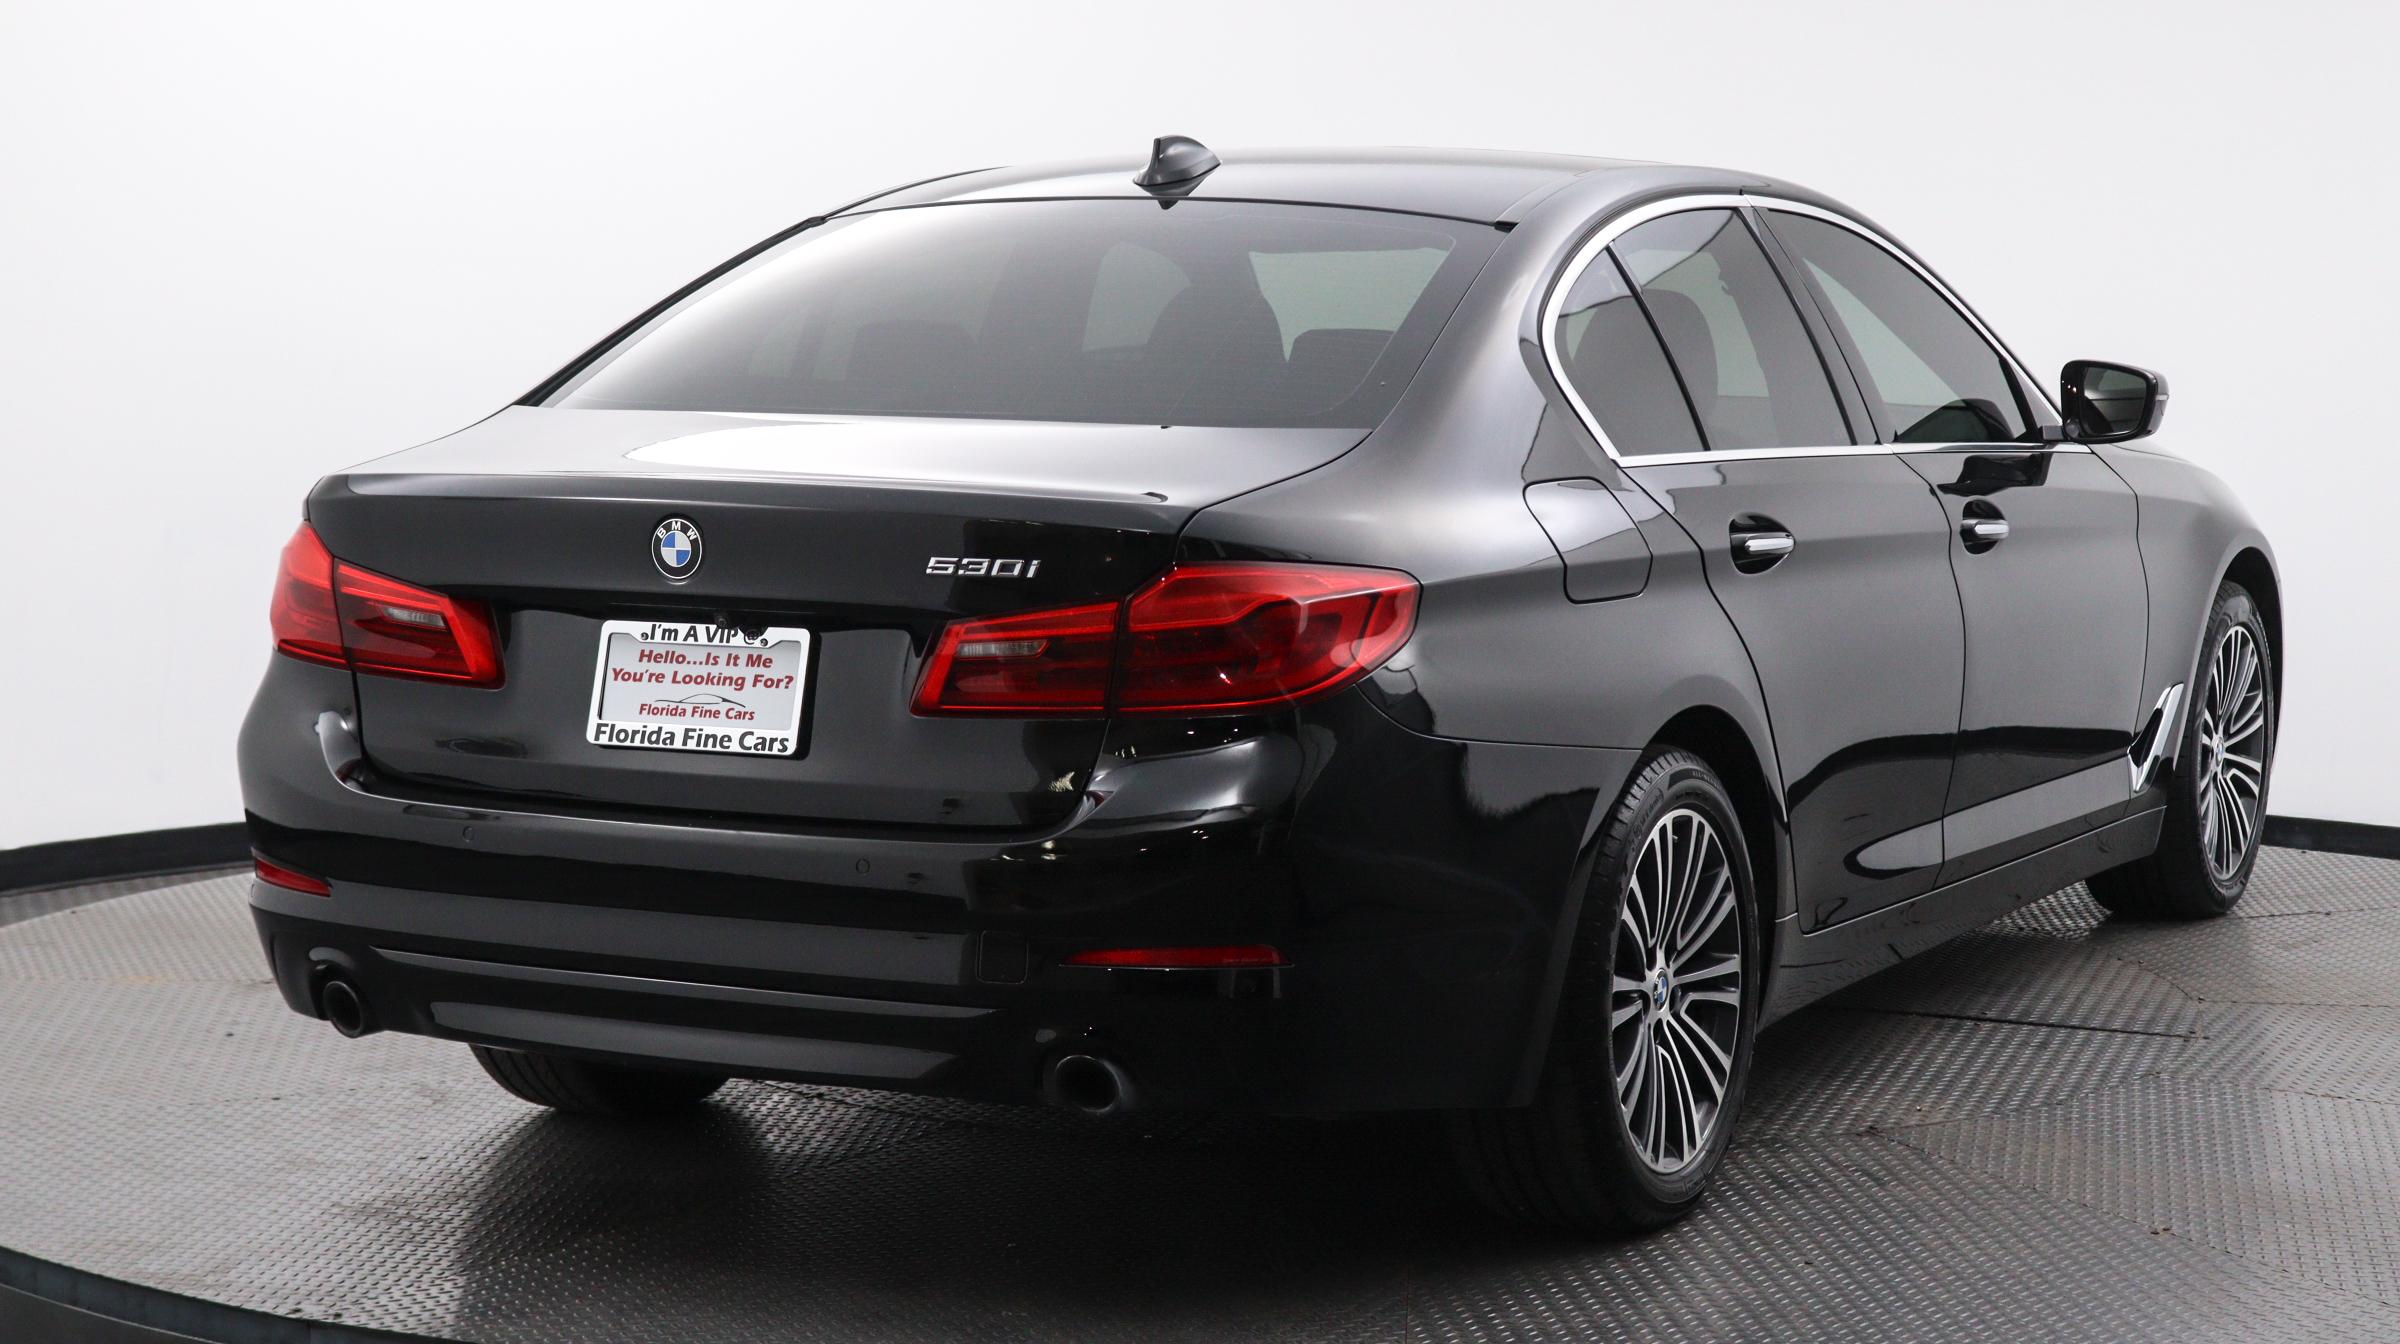 Florida Fine Cars - Used vehicle - Sedan BMW 5 SERIES 2018